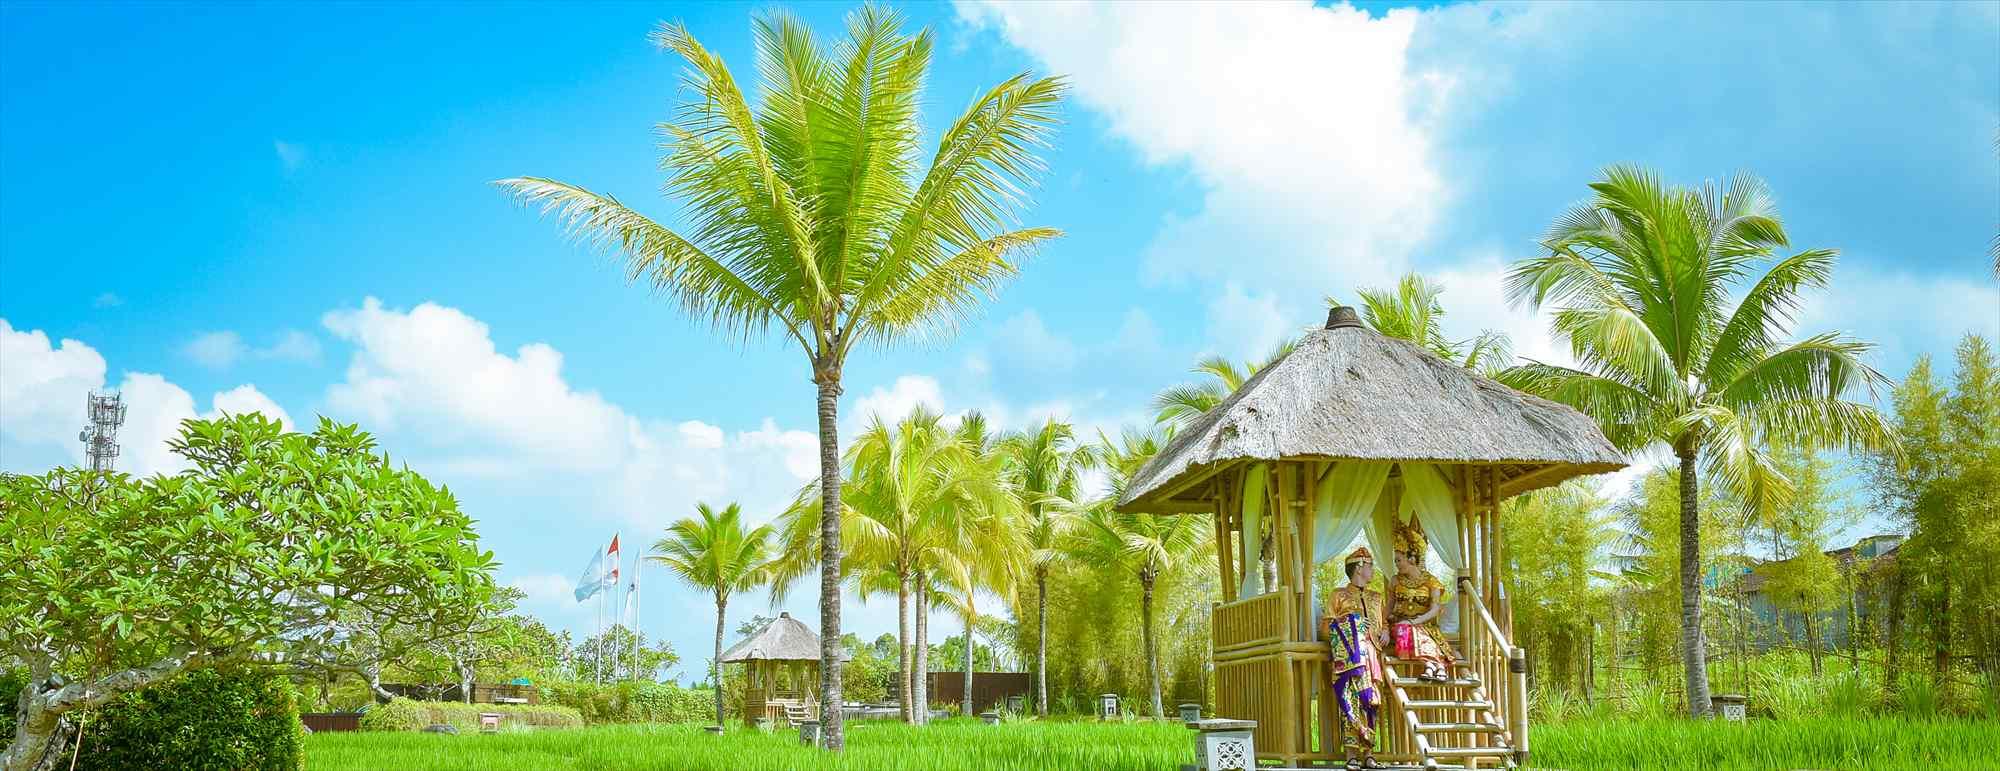 バリ島ウブド・ウェディング カマンダル ウブド挙式 Kamandalu Ubud